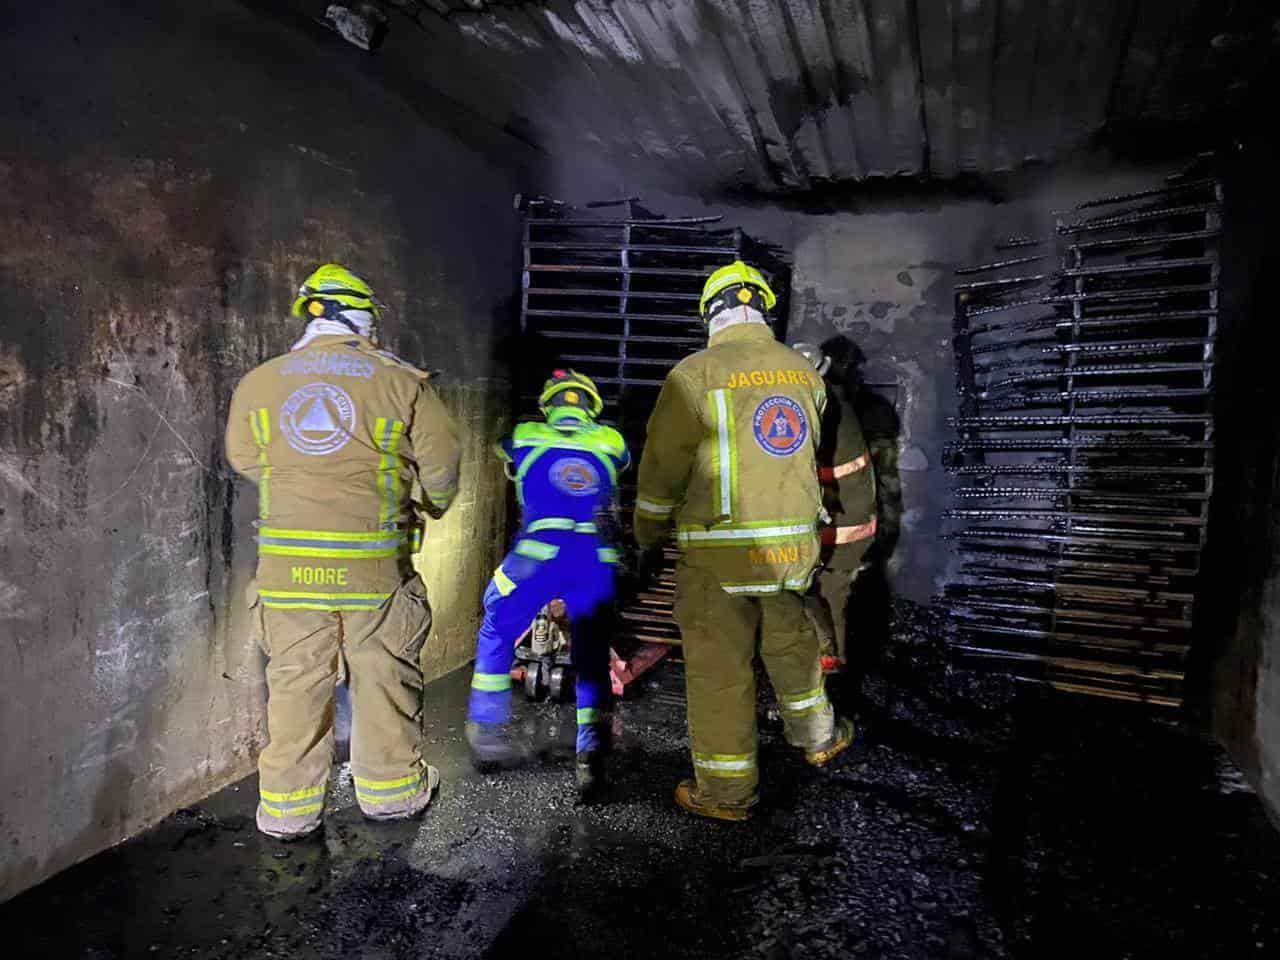 Al sitio arribaron los rescatistas y personal de la empresa se coordinaron para sofocar el fuego